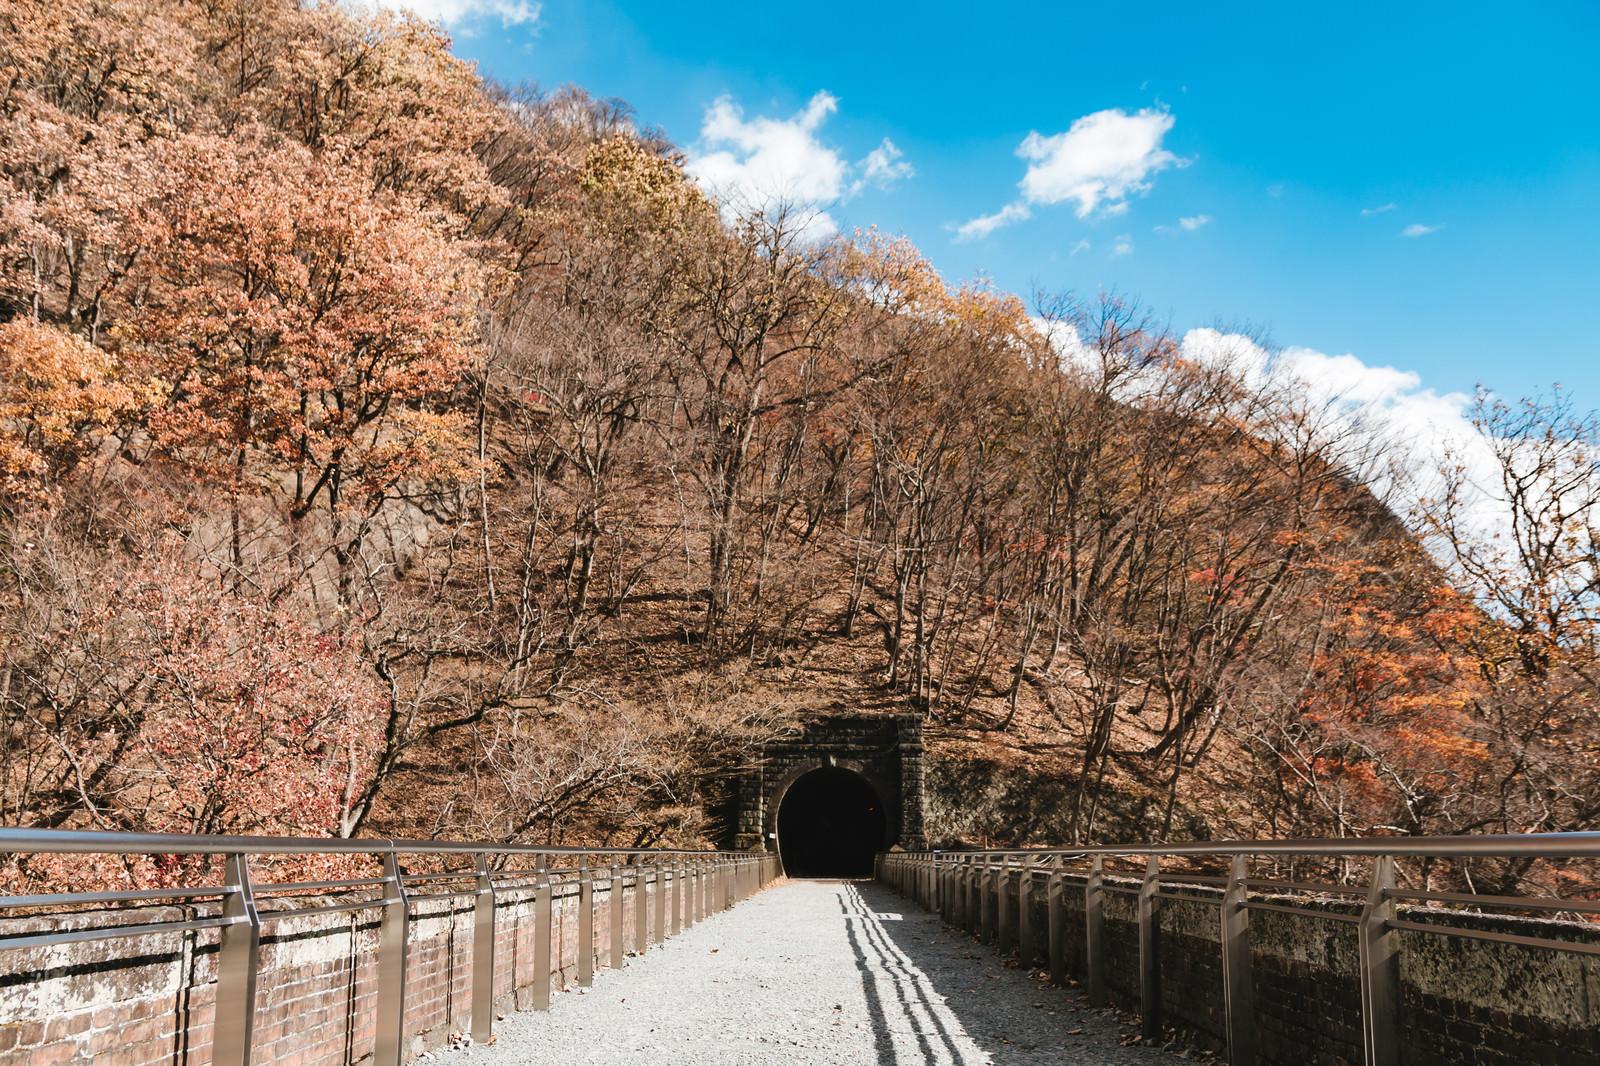 「めがね橋上の鉄道トンネルに続く道めがね橋上の鉄道トンネルに続く道」のフリー写真素材を拡大